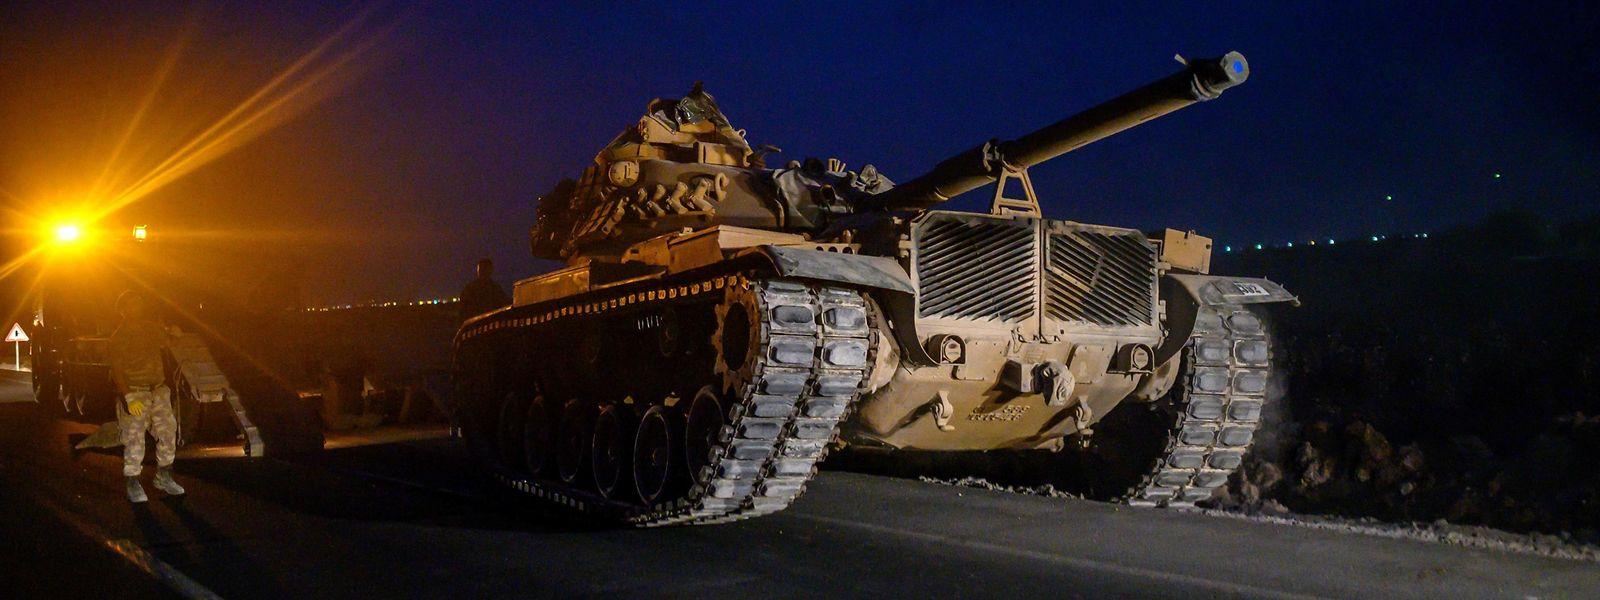 Les premières manœuvres d'engins militaires ont été dénoncées par la France et l'Union européenne.